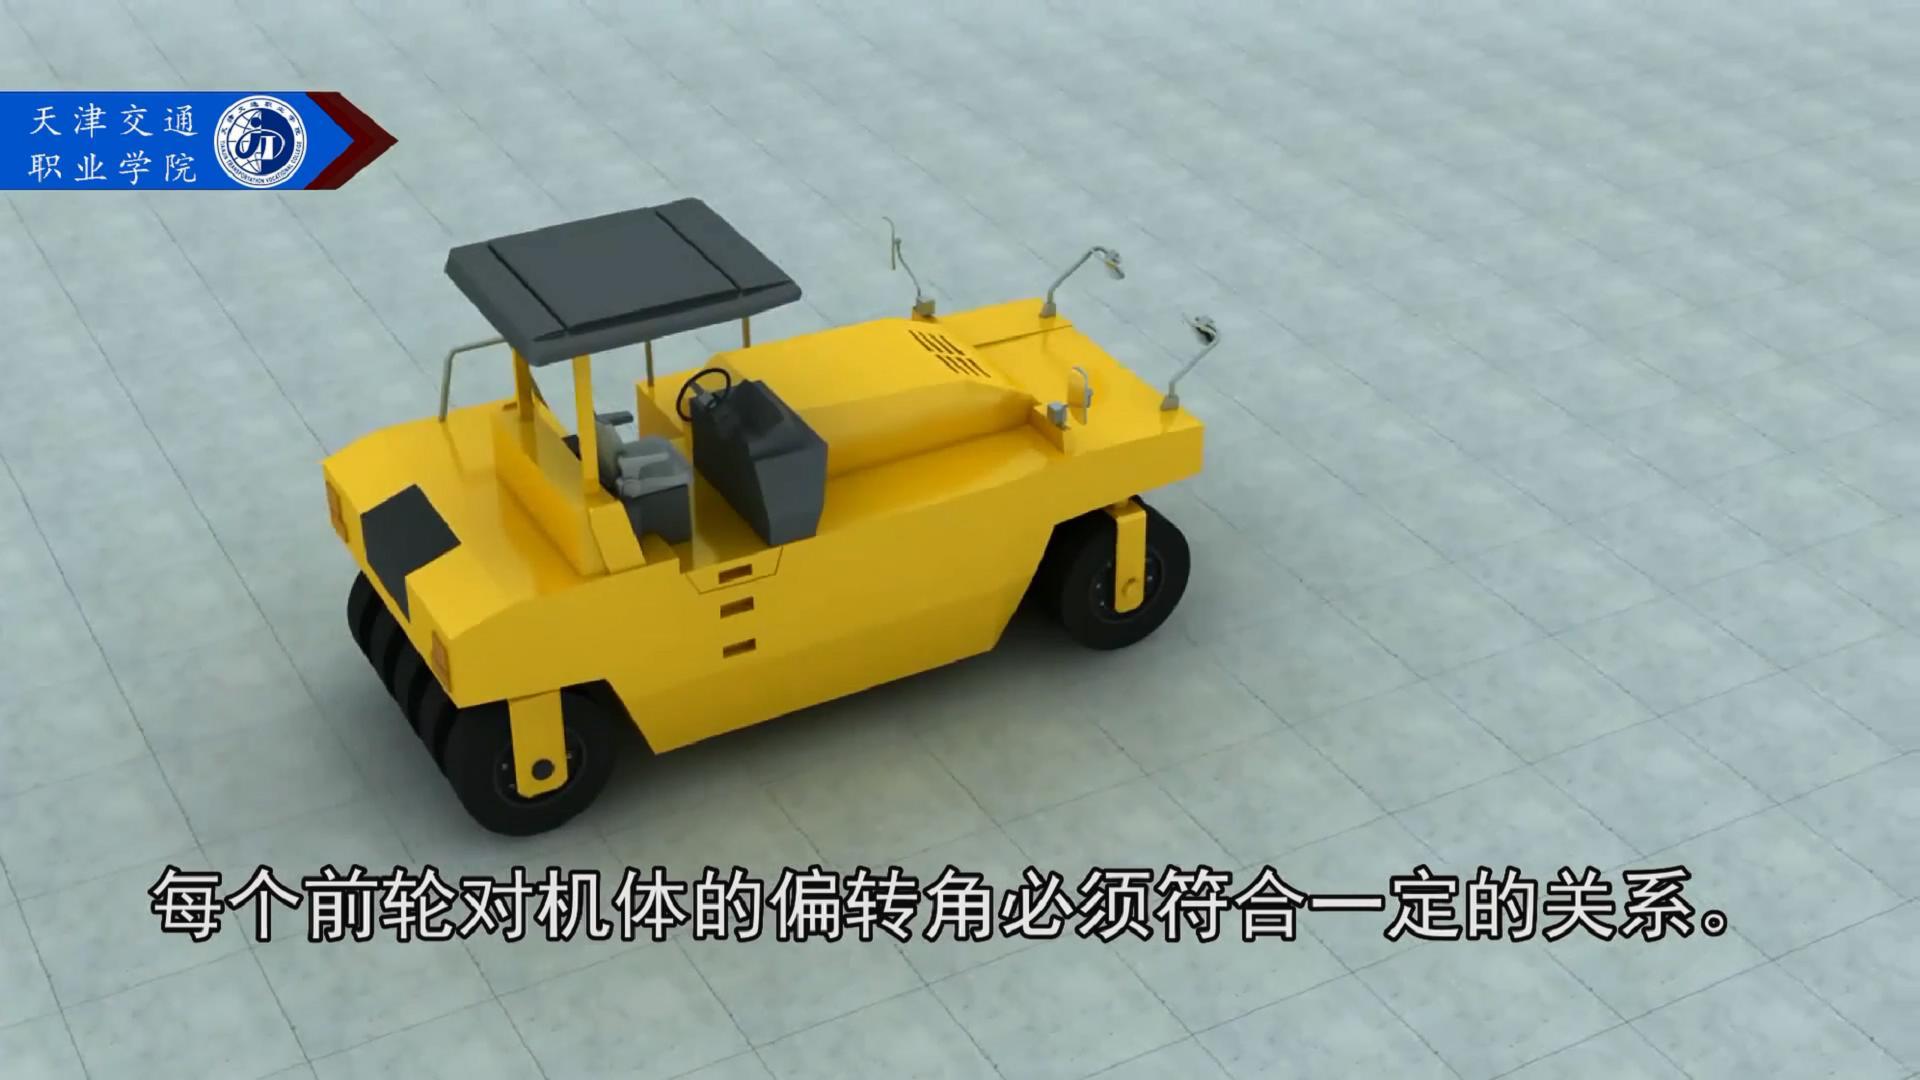 徐州有口碑的虚拟矿山厂矿动画设计公司|超值的虚拟矿山厂矿动画